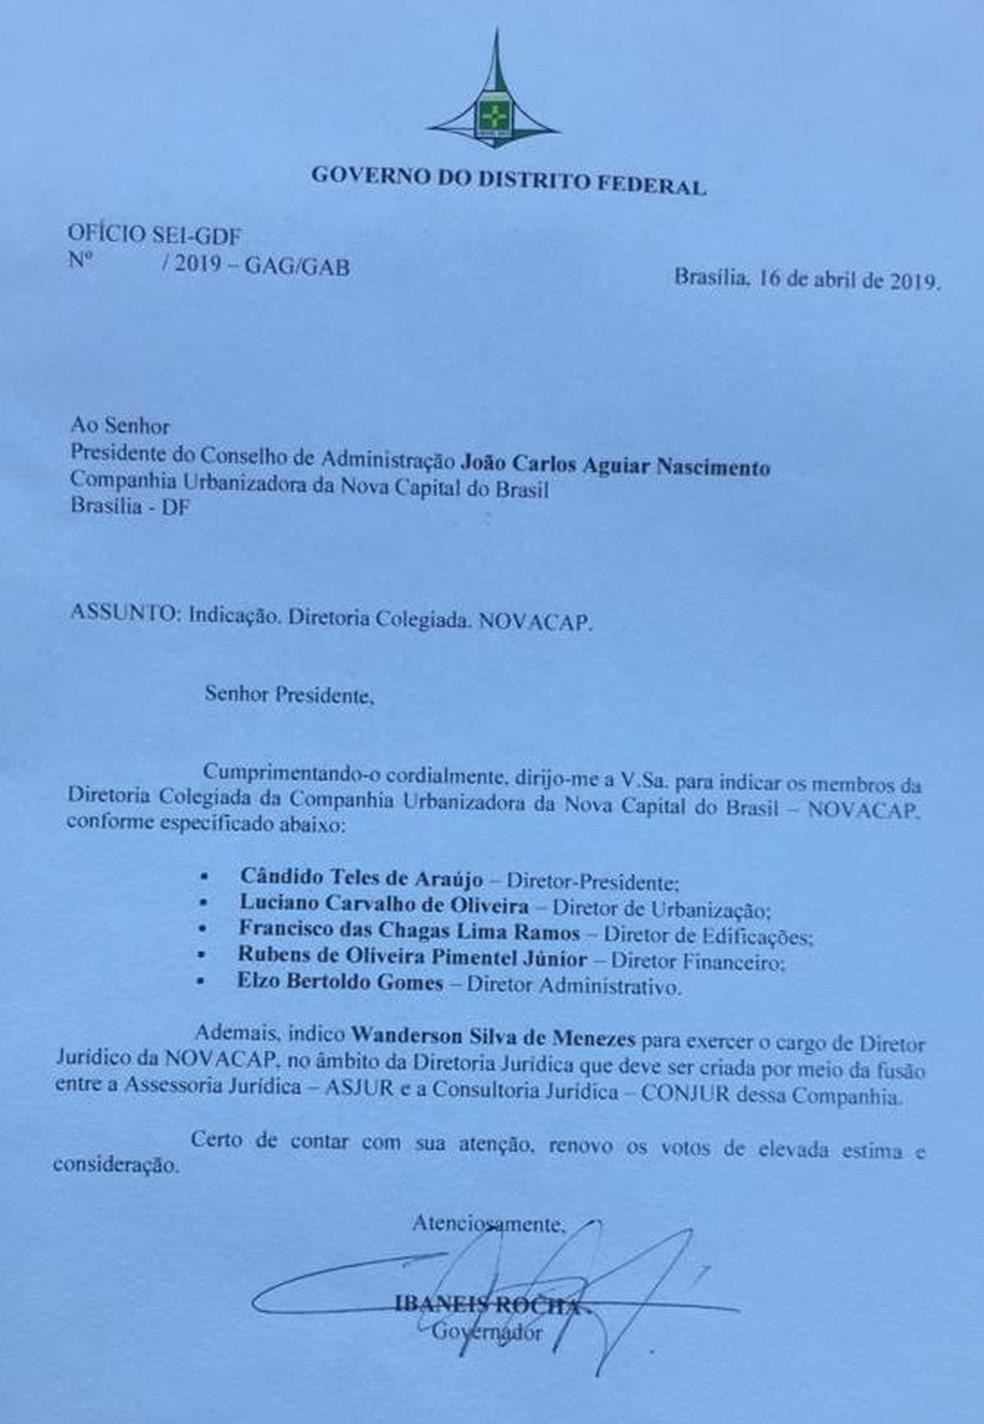 Documento assinado pelo governador do Distrito Federal, Ibaneis Rocha (MDB), em que destitiu presidente e quatro diretores da Novacap e nomeia novos — Foto: Reprodução